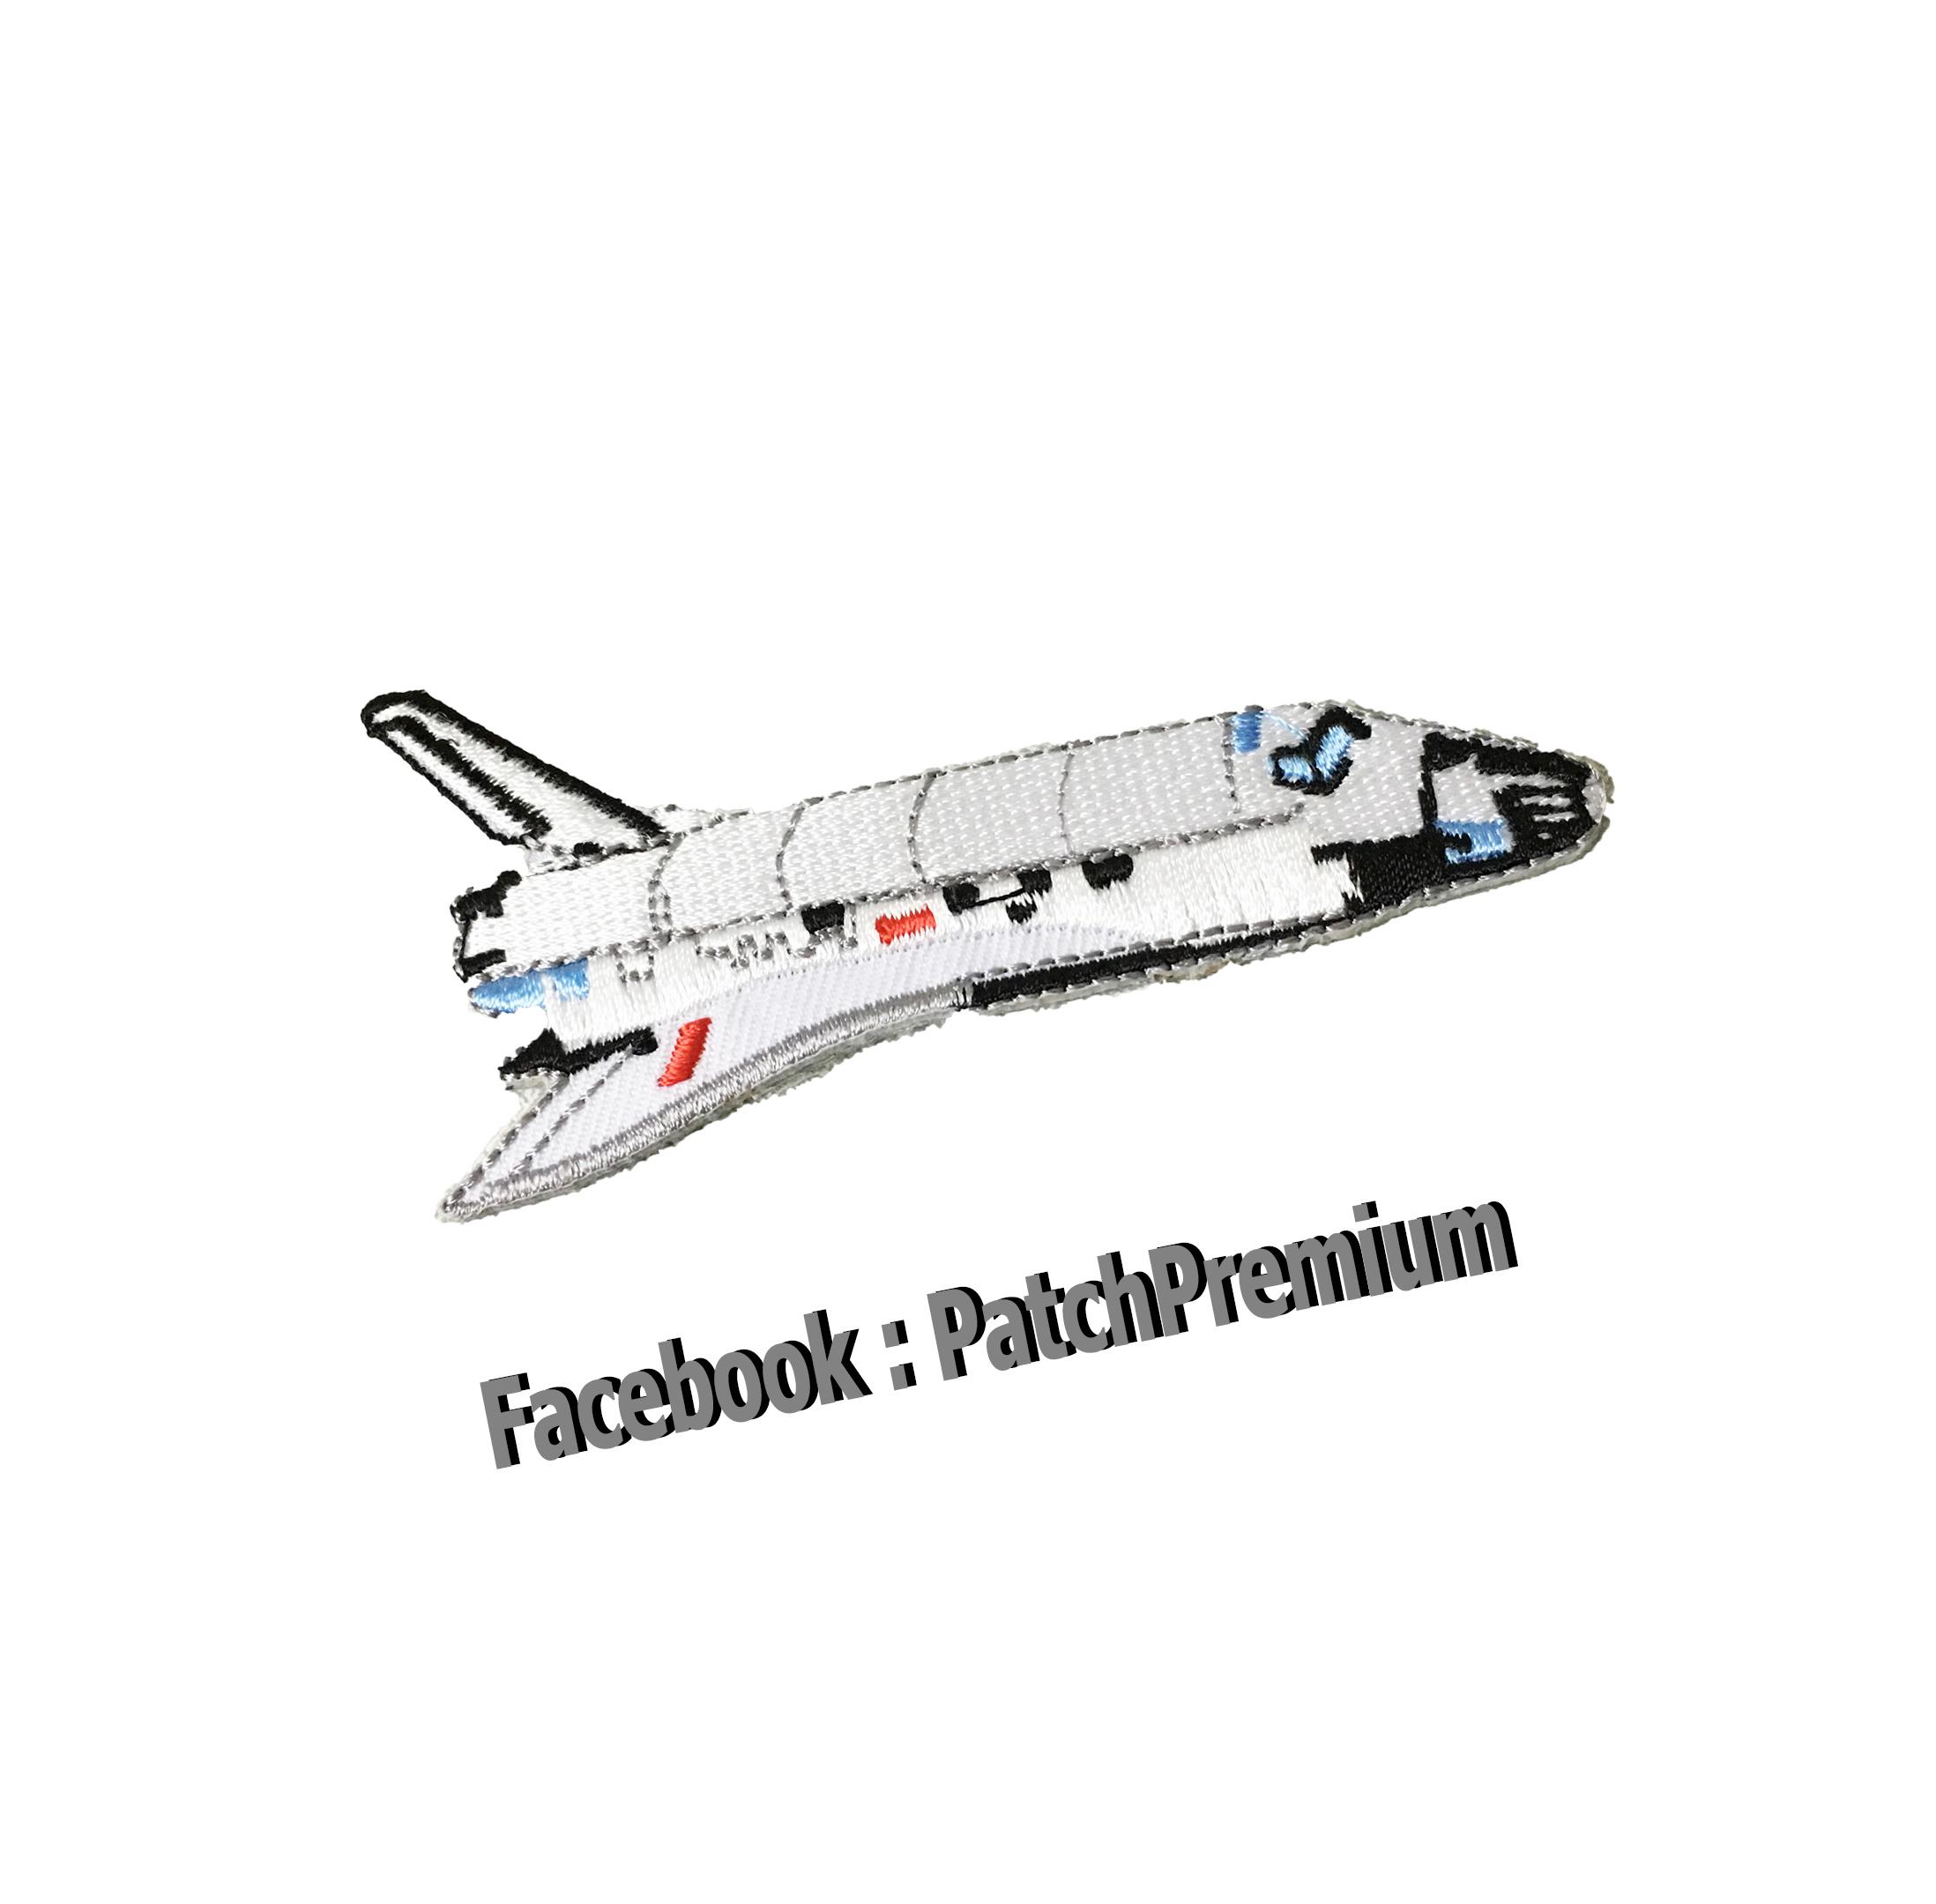 กระสวยอวกาศ - ตัวรีด (Size M)